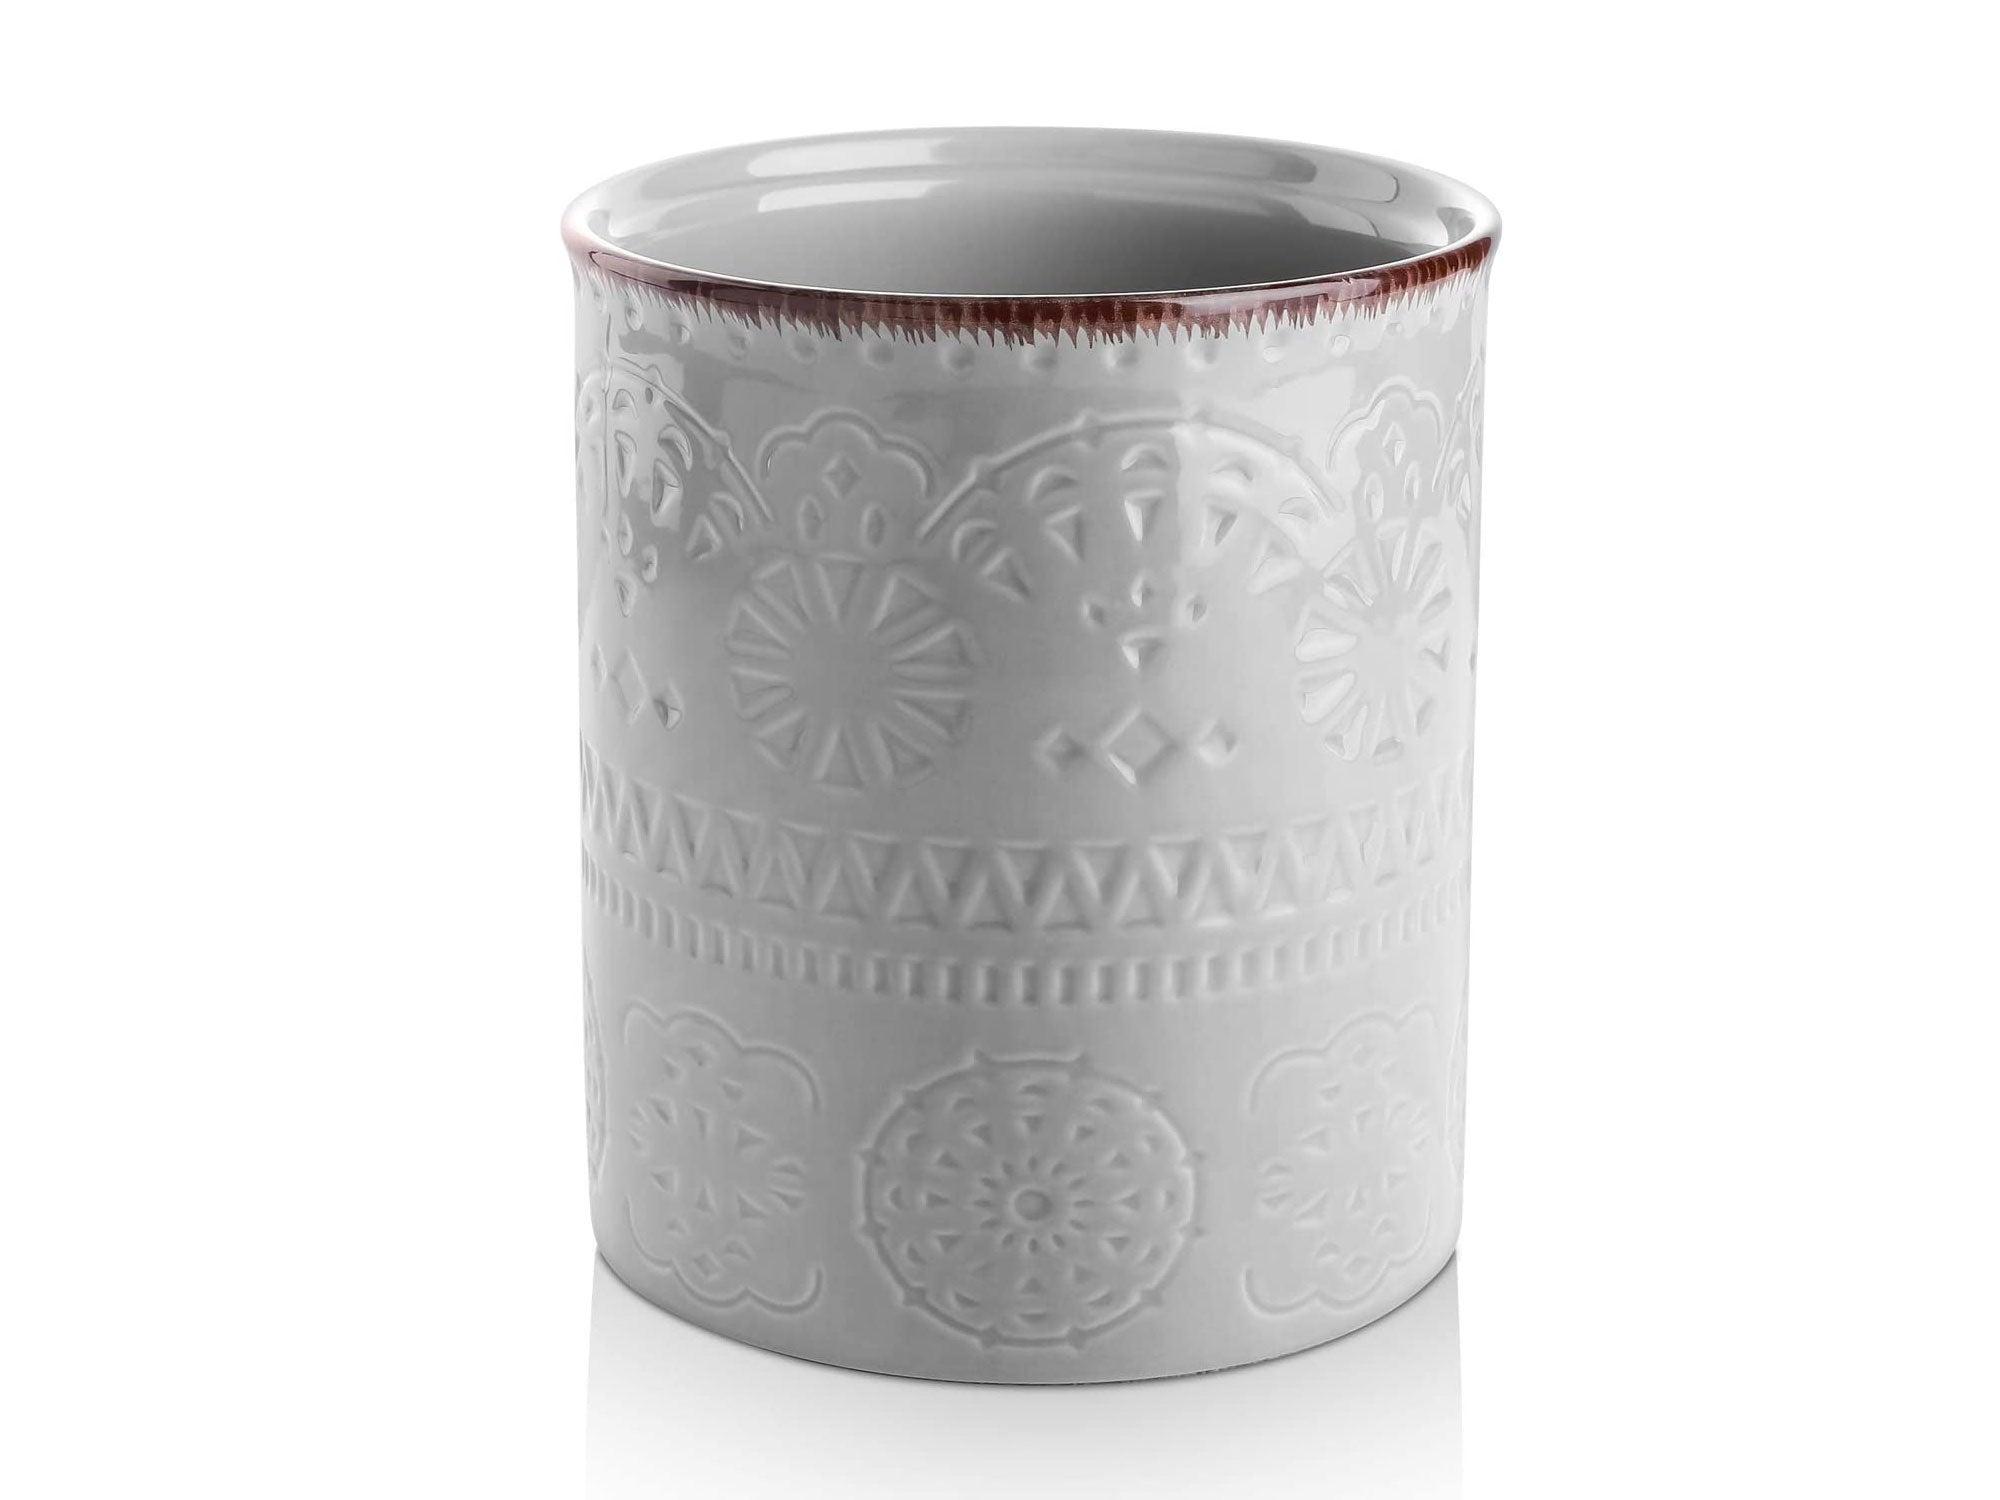 DOWAN Kitchen Utensil Holder, Large Farmhouse Utensil Holders for Countertop with Cork Mat, Grey Utensil Holder for Wedding/Birthday/Housewarming Gift